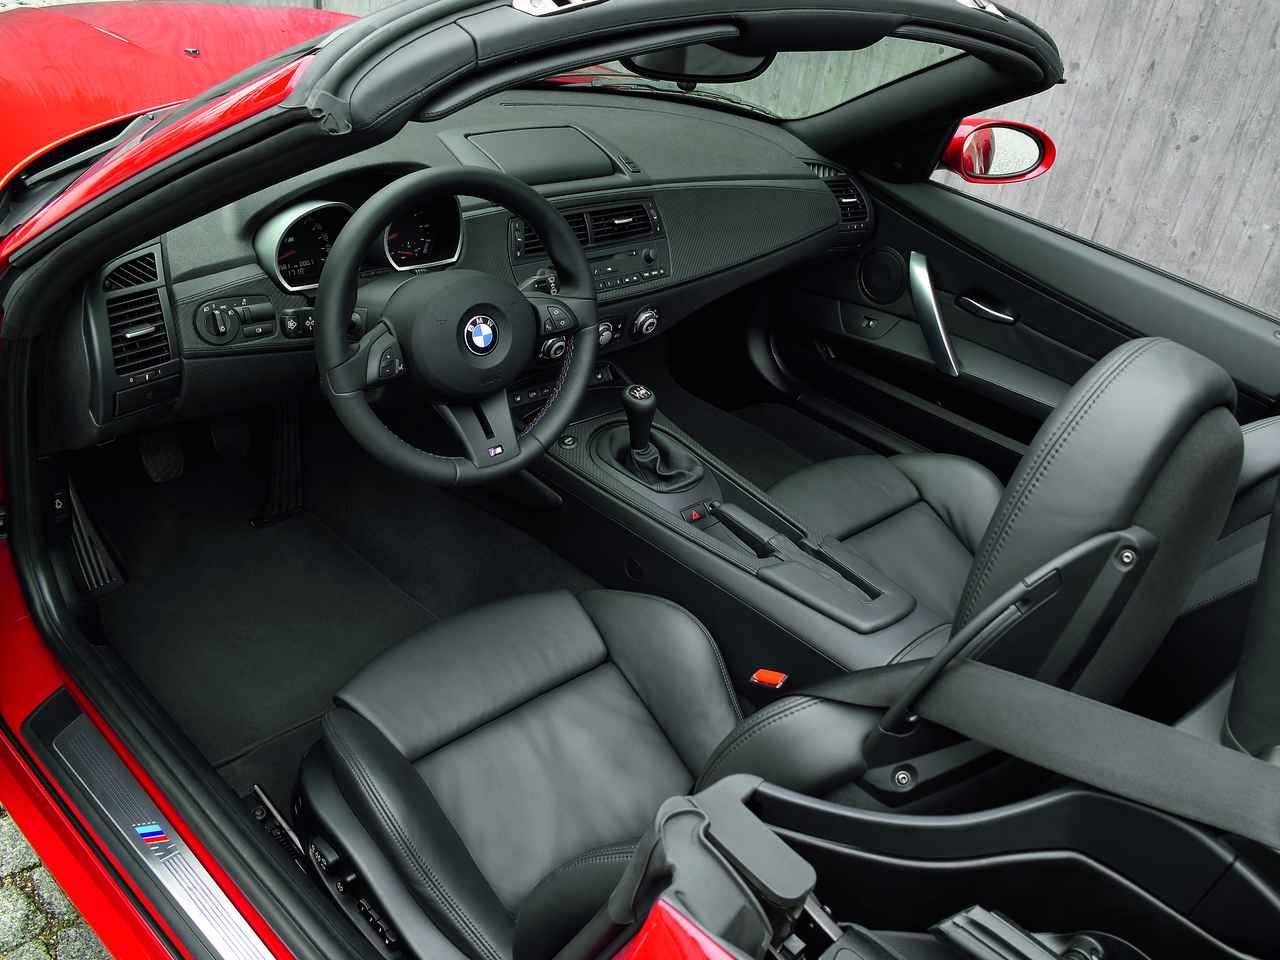 【ヒットの法則127】BMW Z4 Mロードスターは満を持して登場した本格派スポーツカーだった